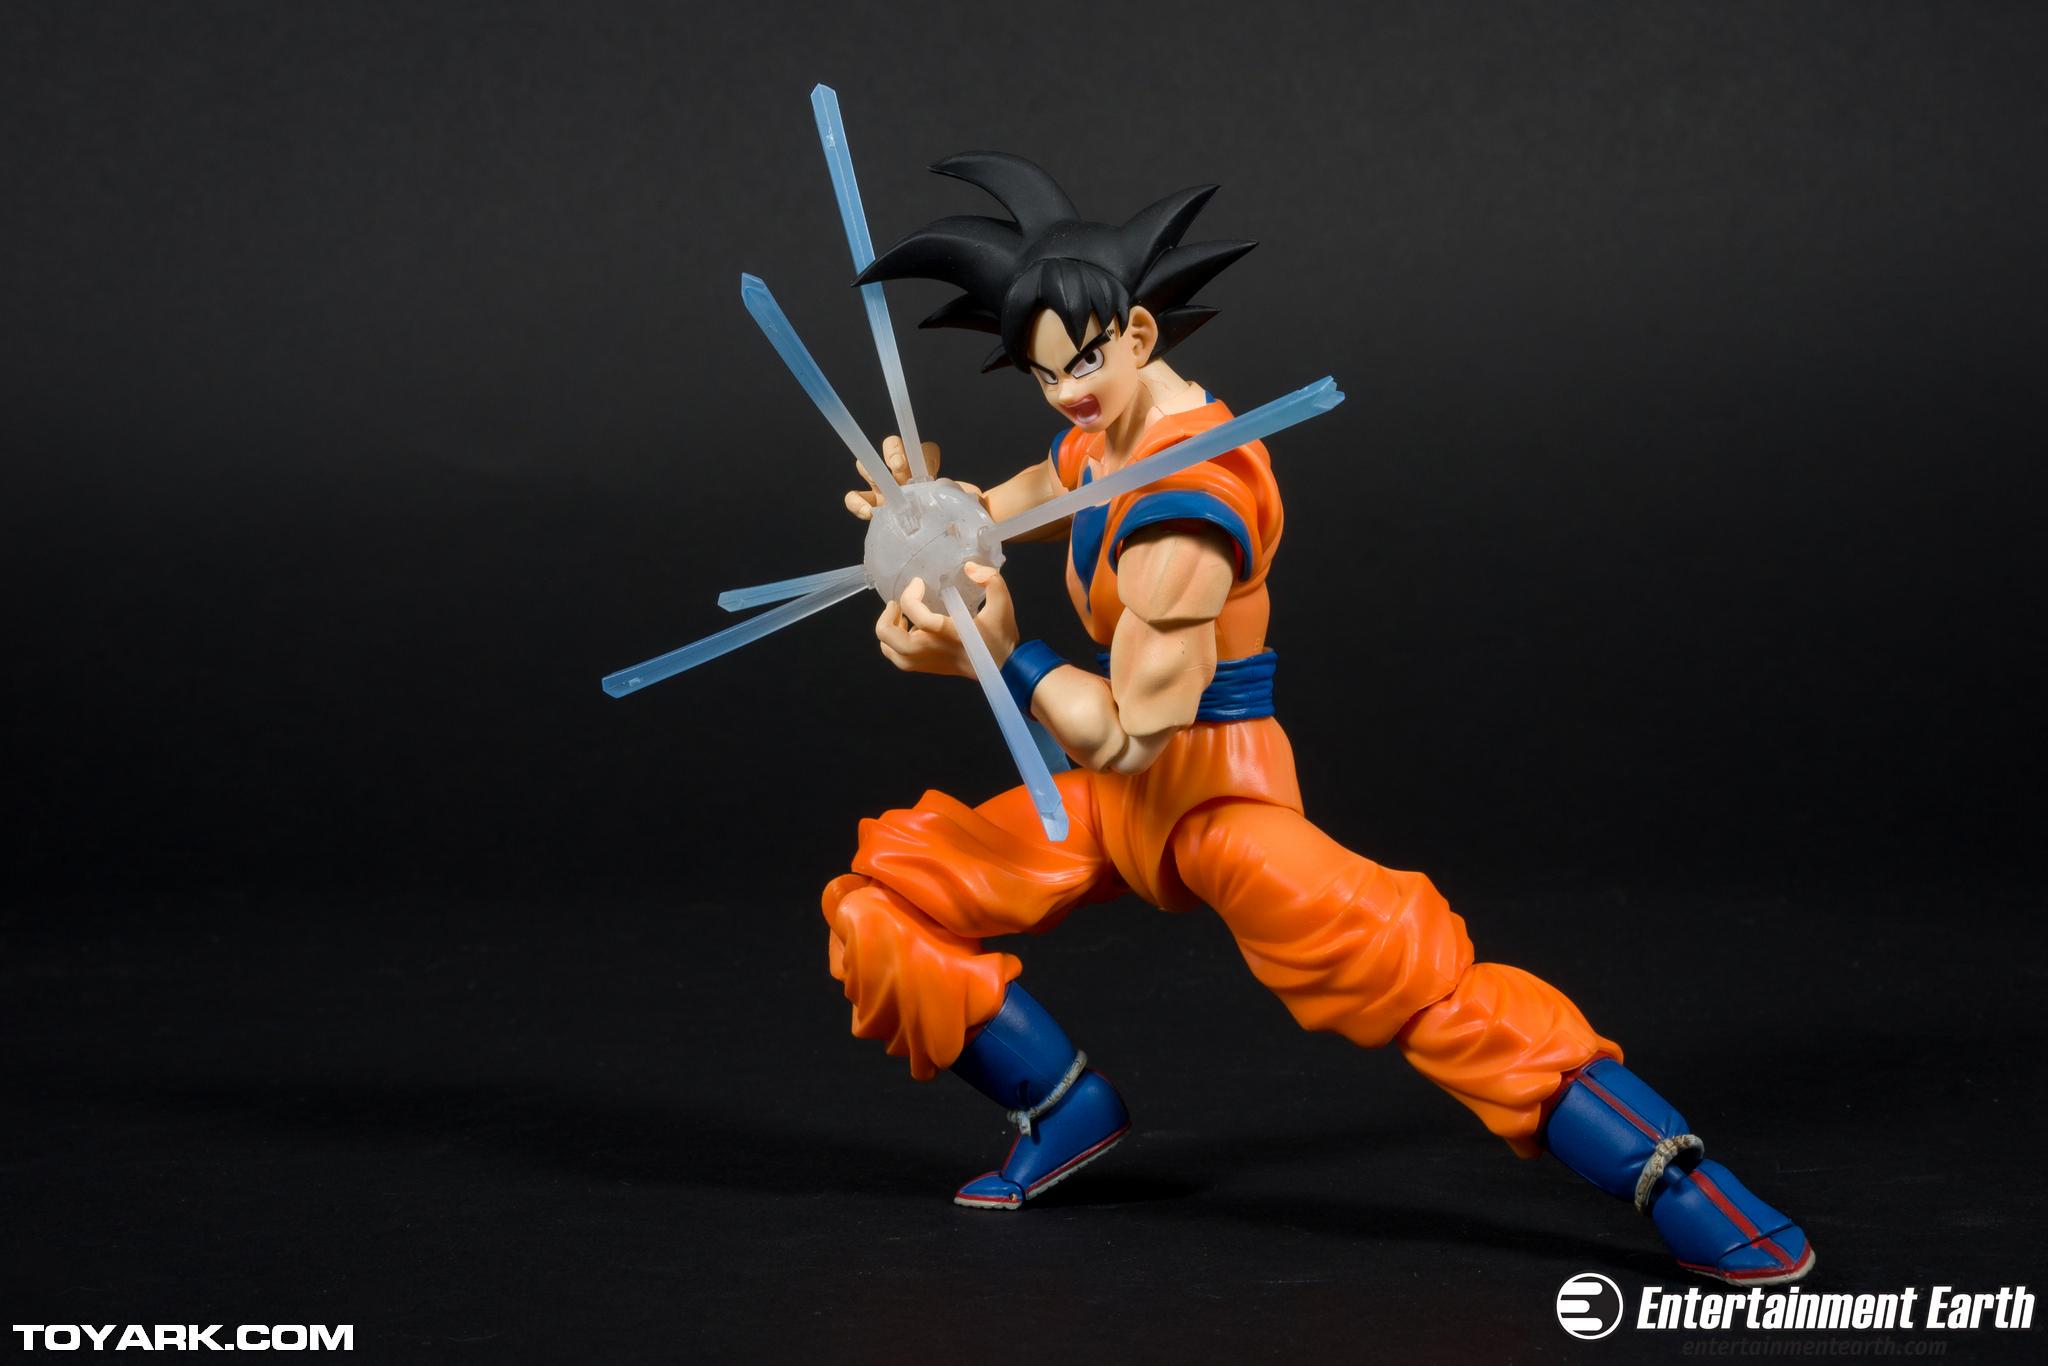 Goku Wallpaper hd for PC (33)